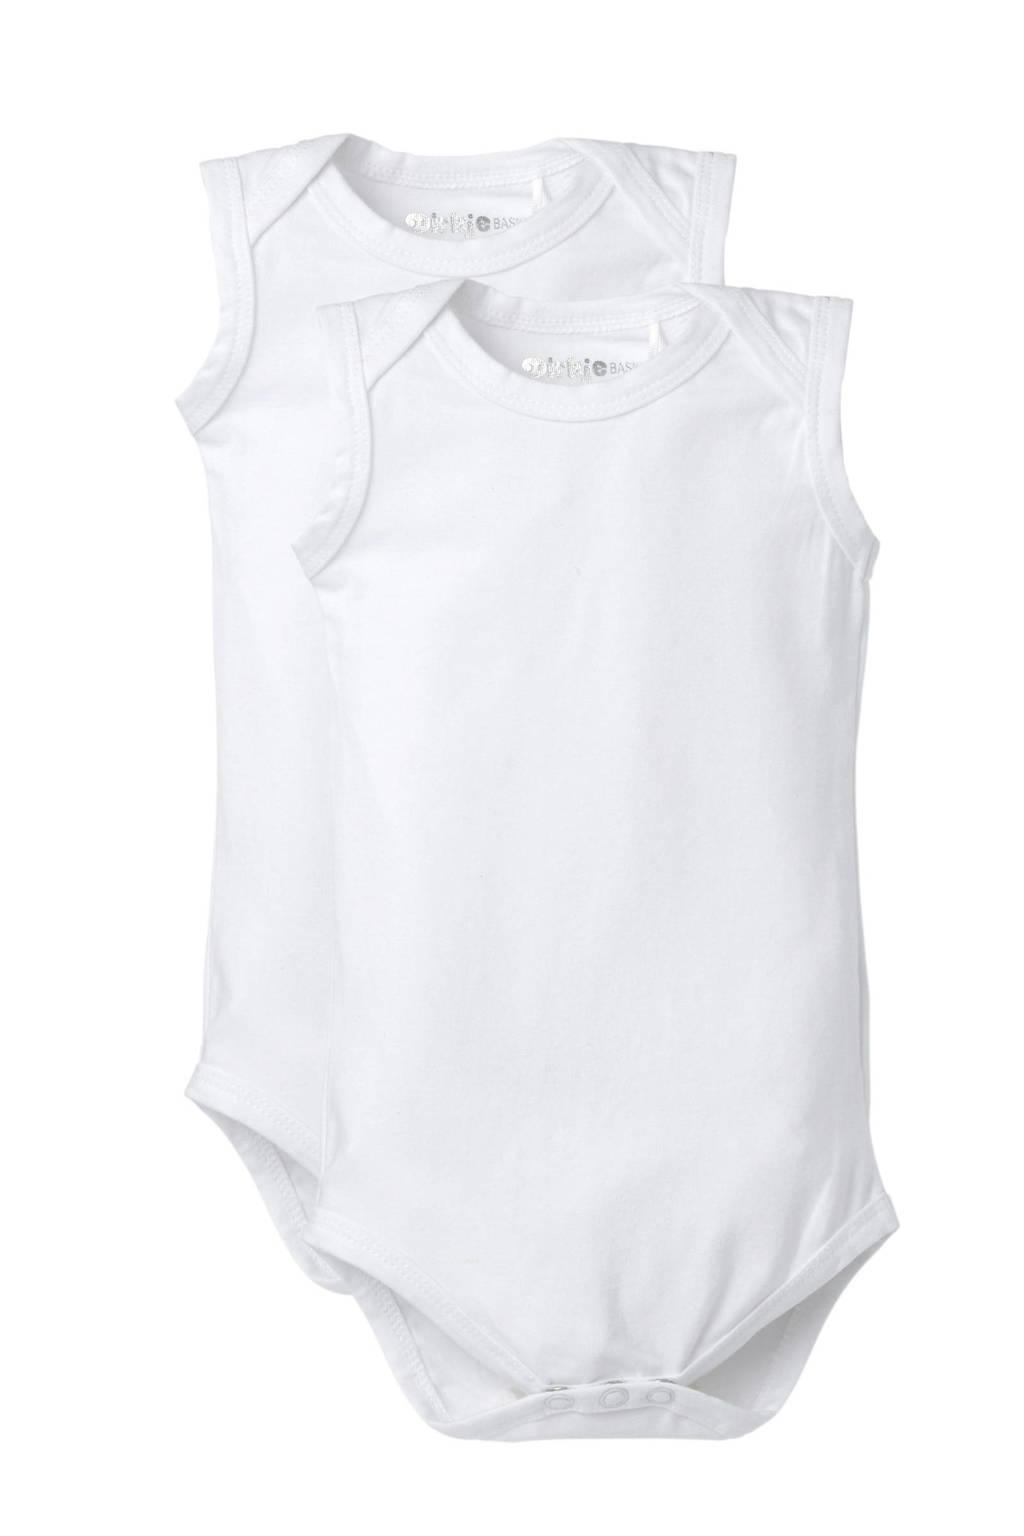 Dirkje newborn baby romper - set van 2, Wit, Mouwloos